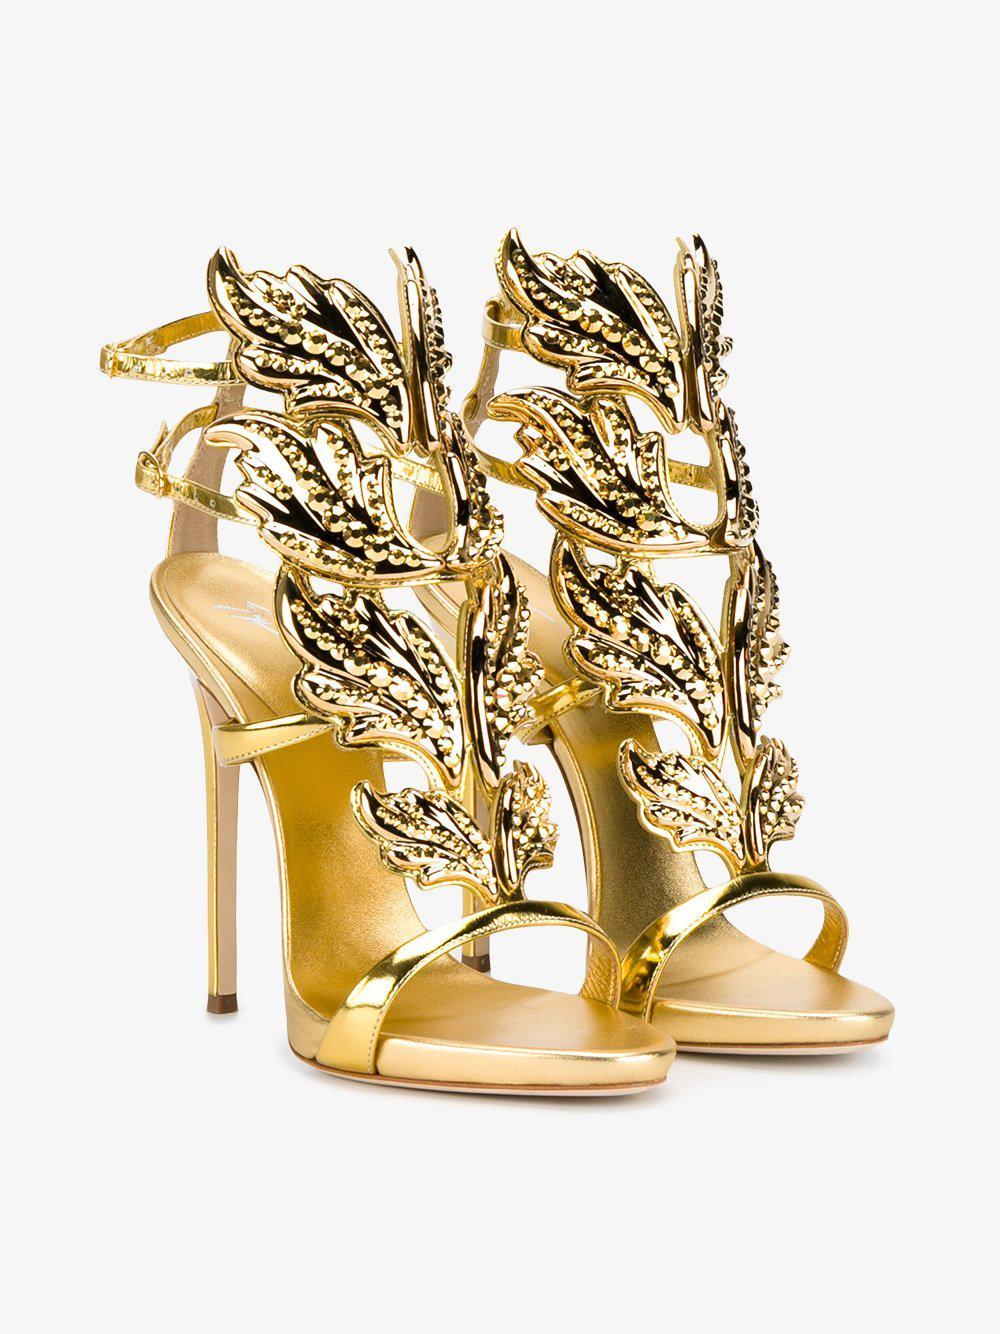 3e04a7d3be8 Lyst - Giuseppe Zanotti Gold Cruel 130 Sandals in Metallic